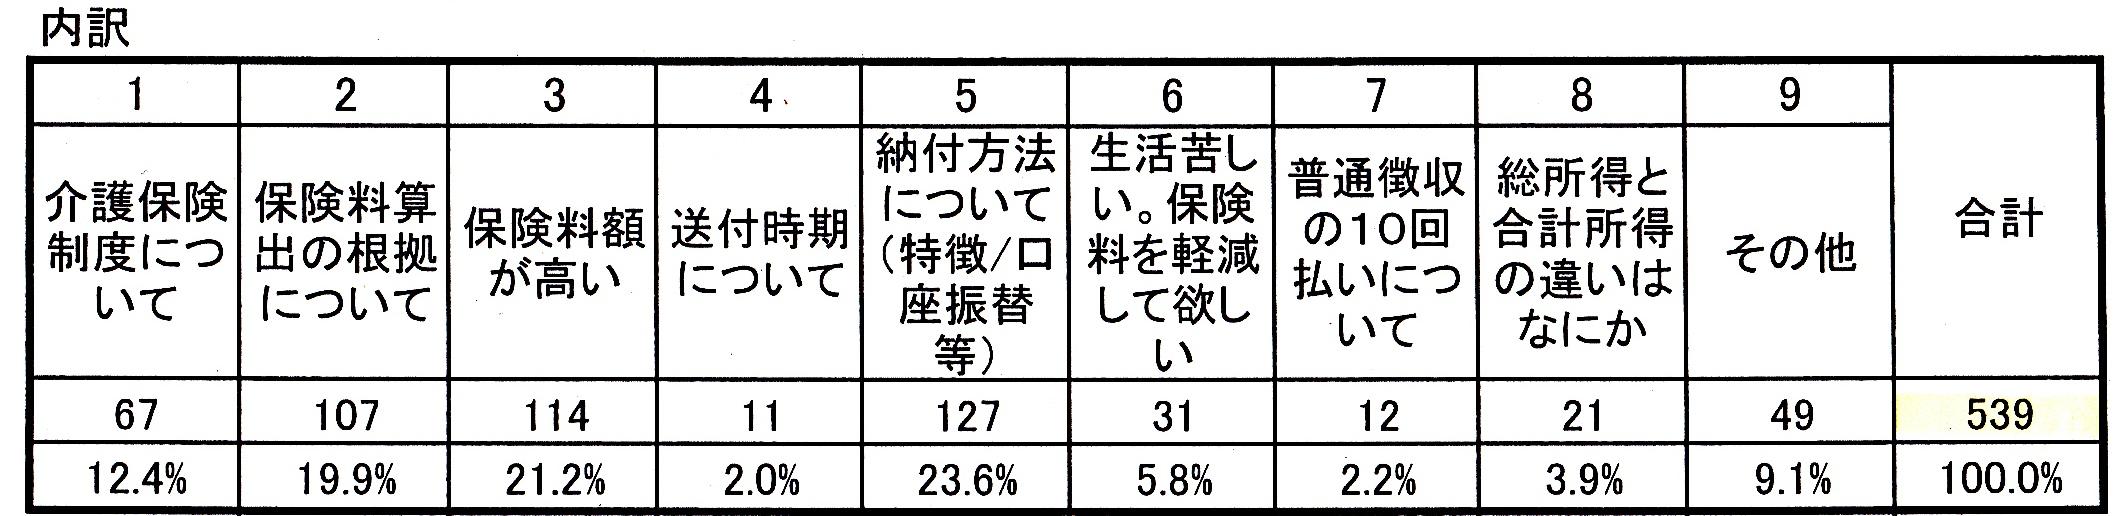 介護保険料値上げ問い合わせ.jpg